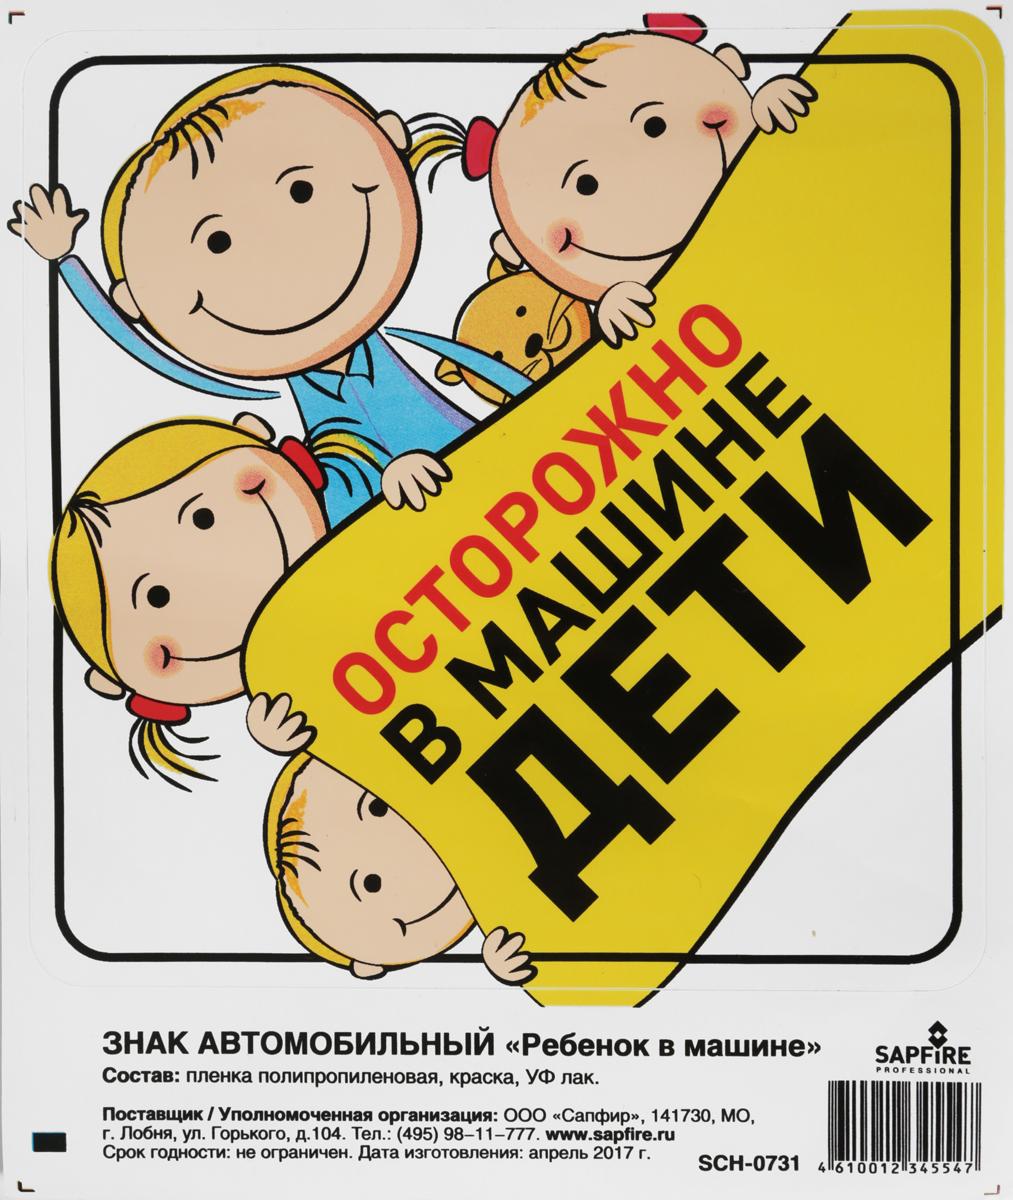 Наклейка автомобильная Sapfire Осторожно, в машине дети информационная наклейка ребенок в машине по госту 9 86 0008